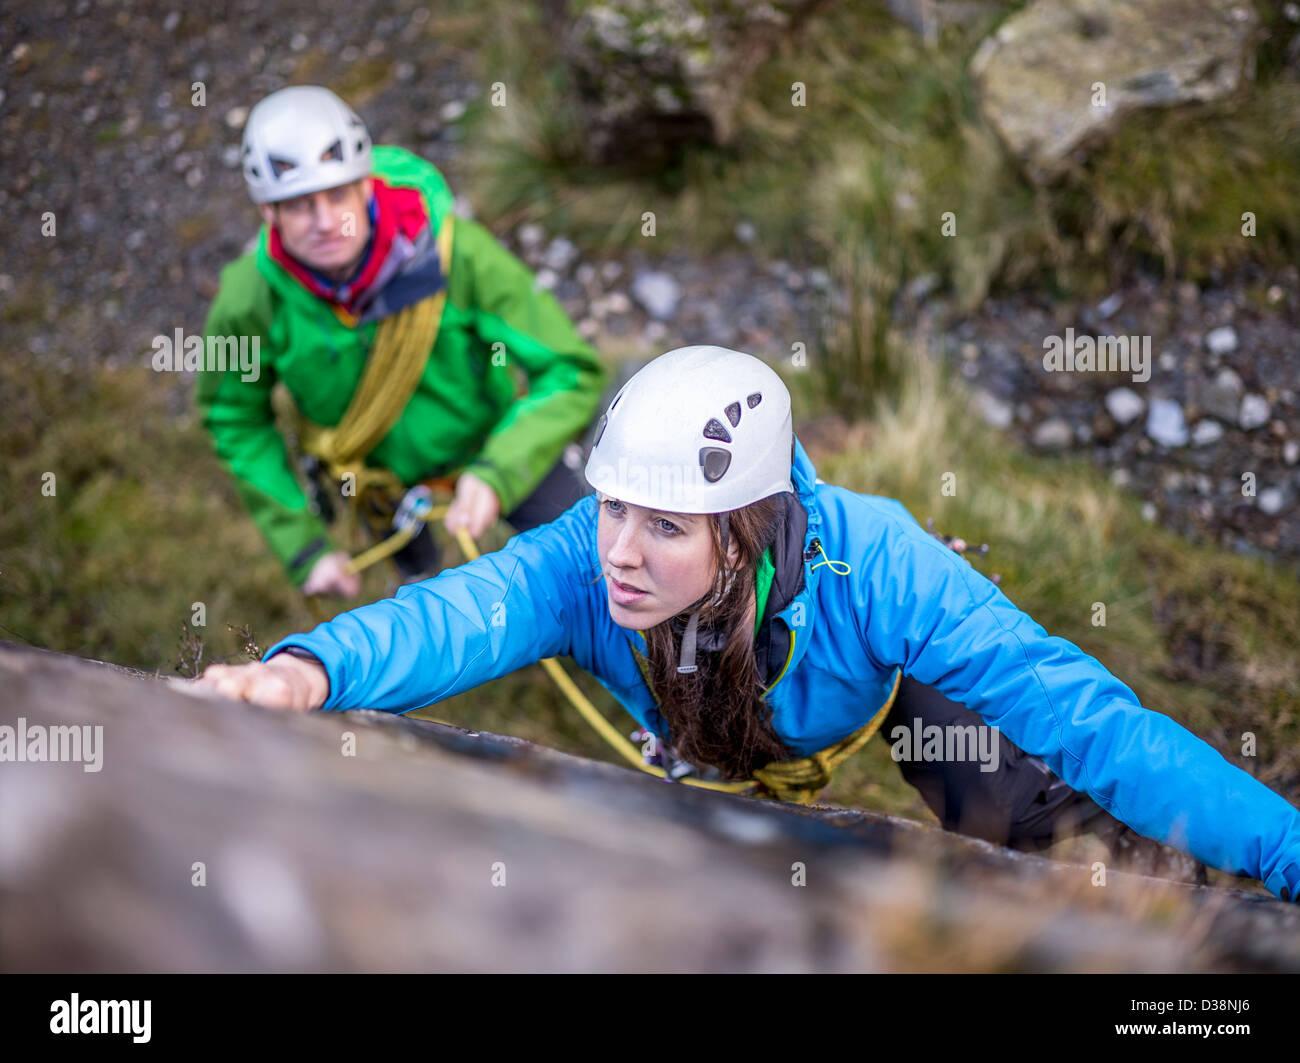 Rock climber scaling steep rock face - Stock Image